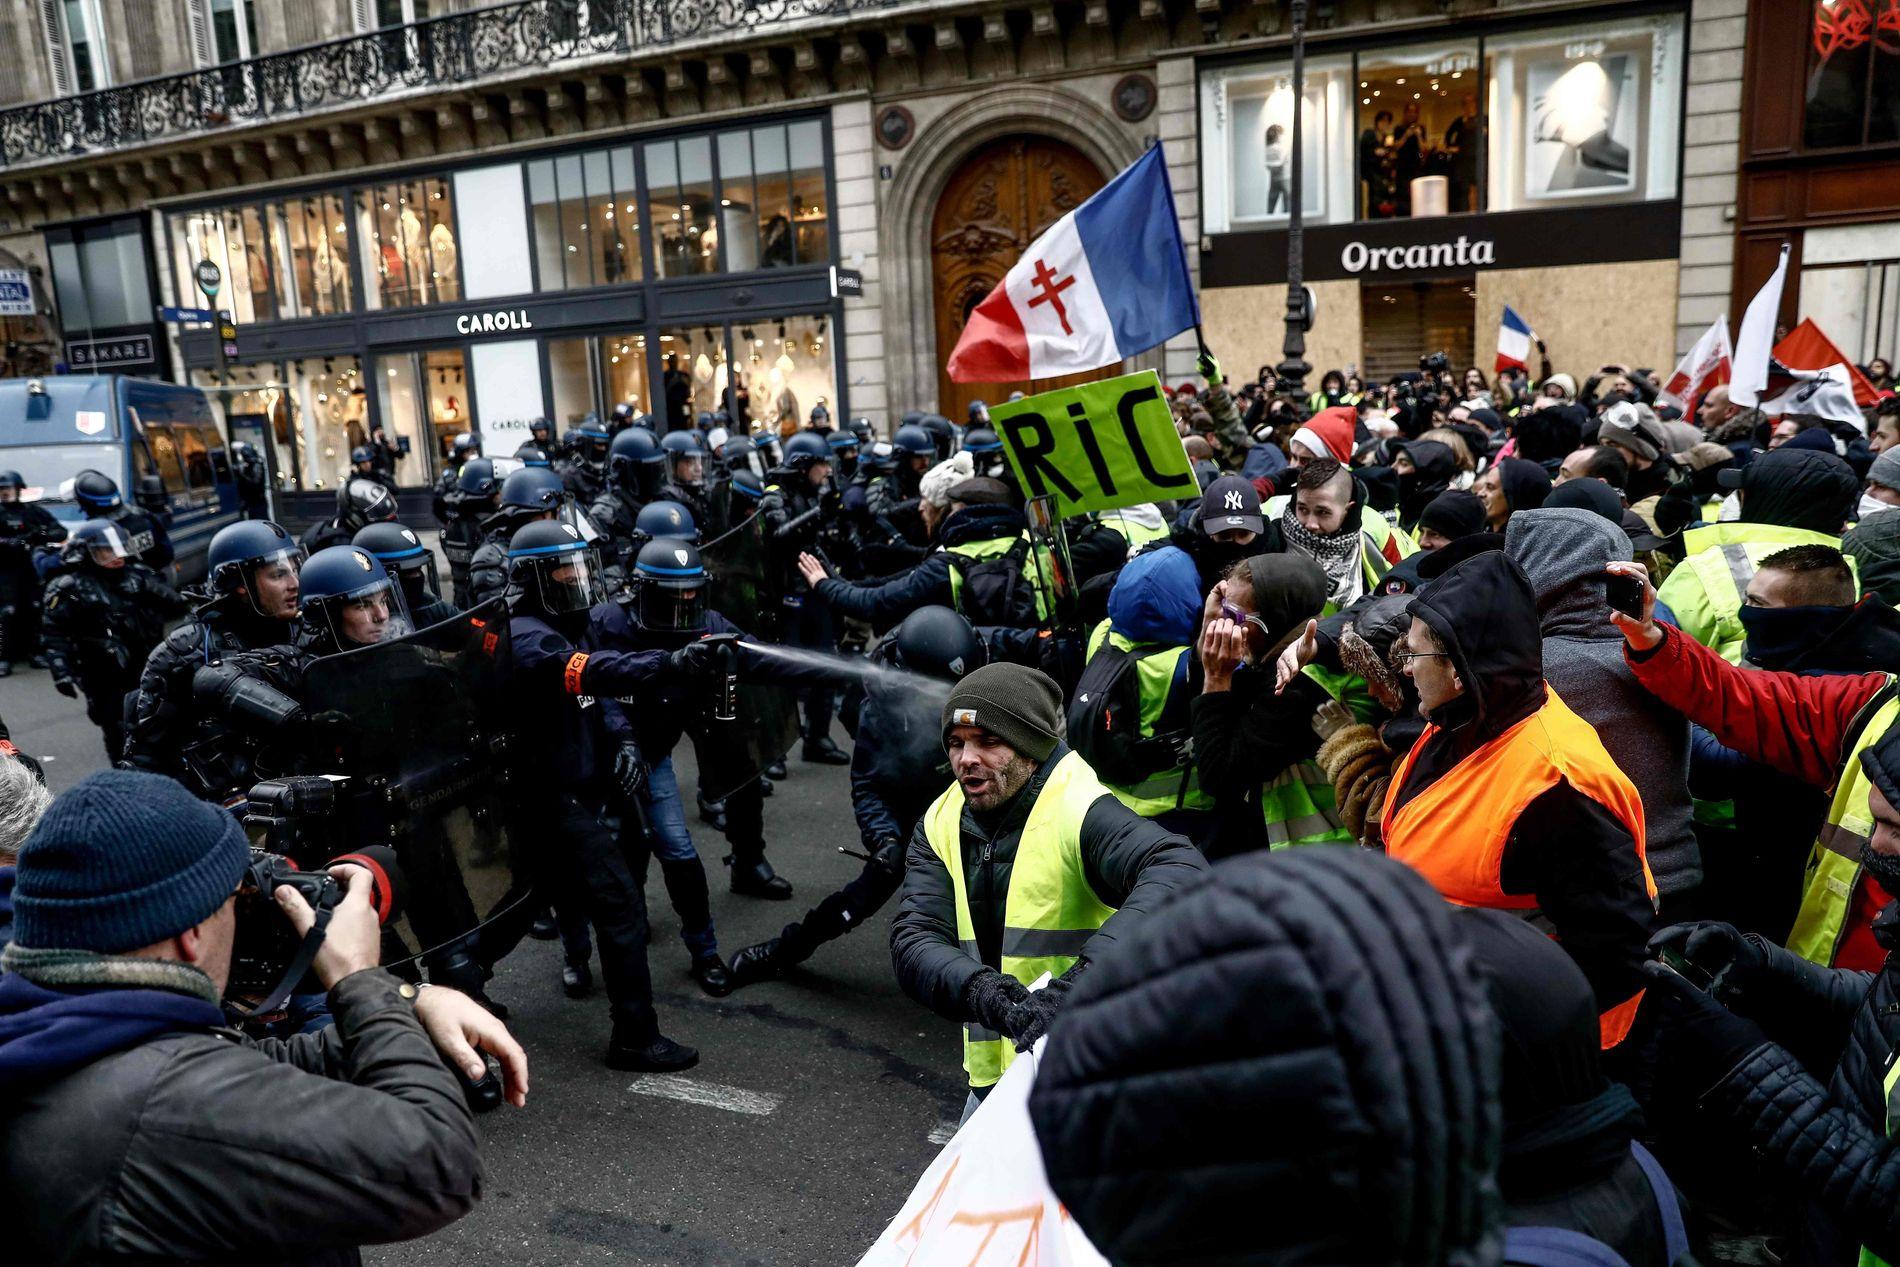 TÅREGASS:  Det har vært et par sammenstøt mellom politi og demonstranter hvor politiet har brukt tåregass for å spre en folkemengde.